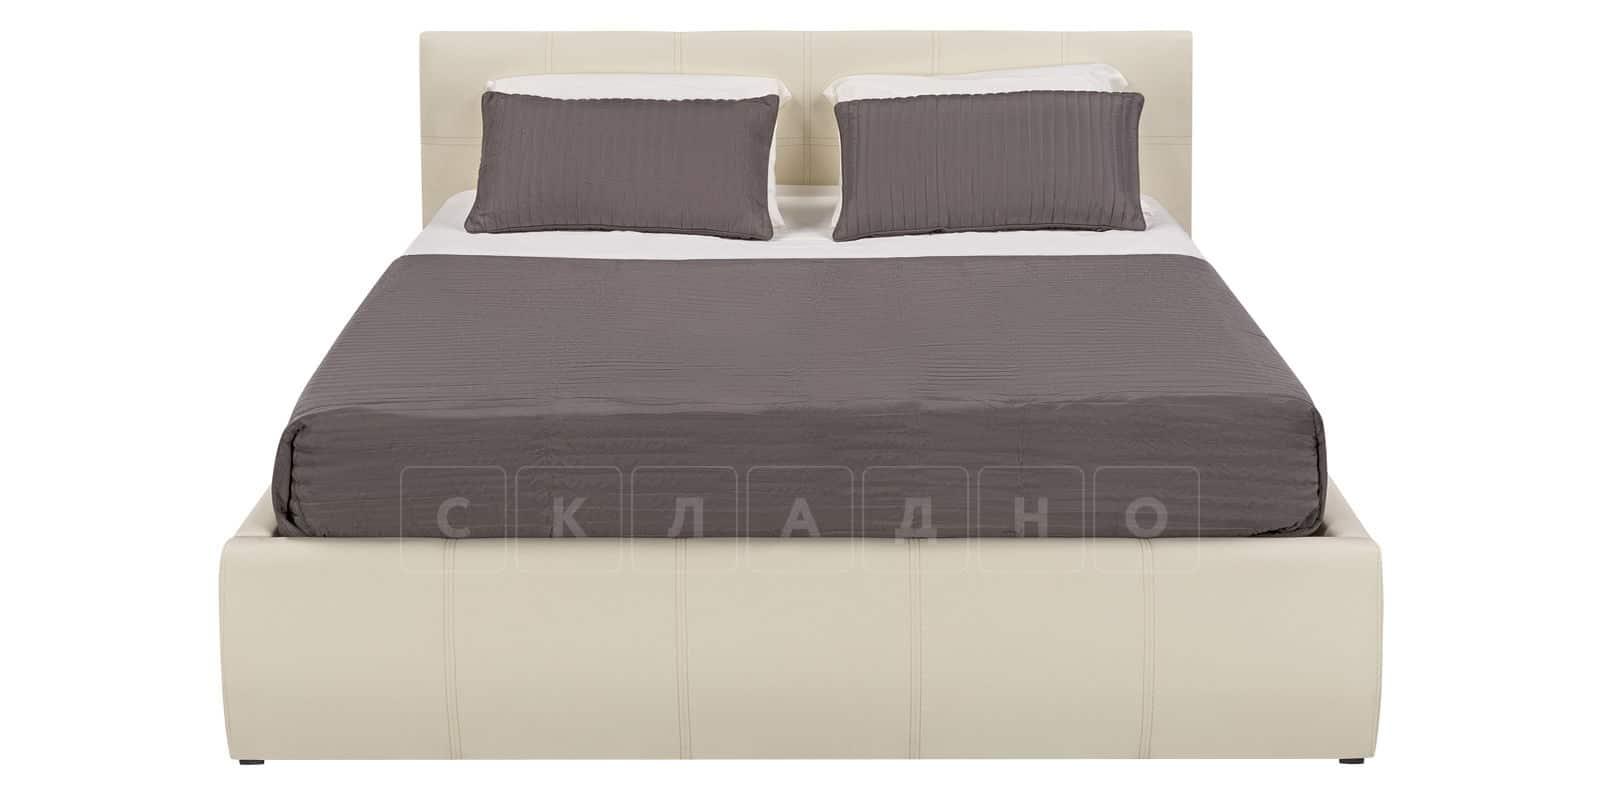 Мягкая кровать Афина 180см молочного цвета экокожа фото 3 | интернет-магазин Складно